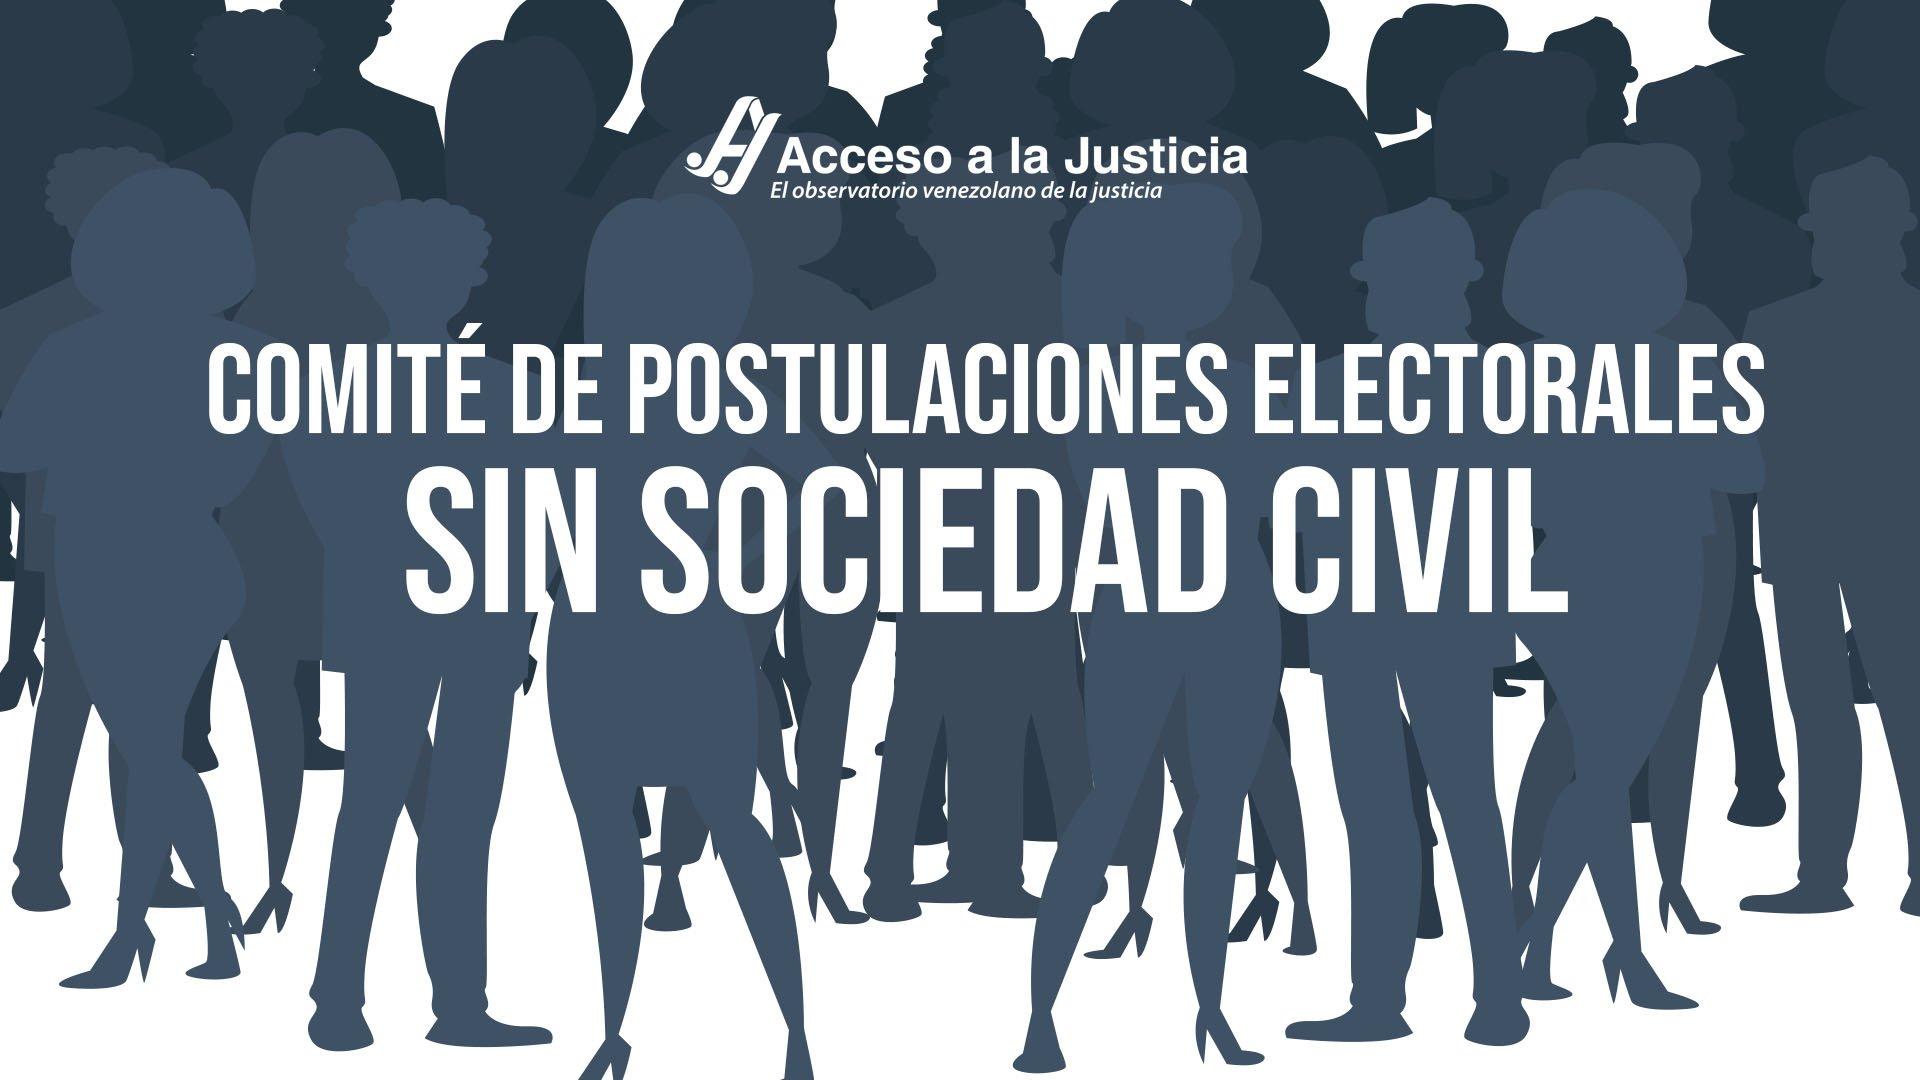 Comité de Postulaciones Electorales sin sociedad civil